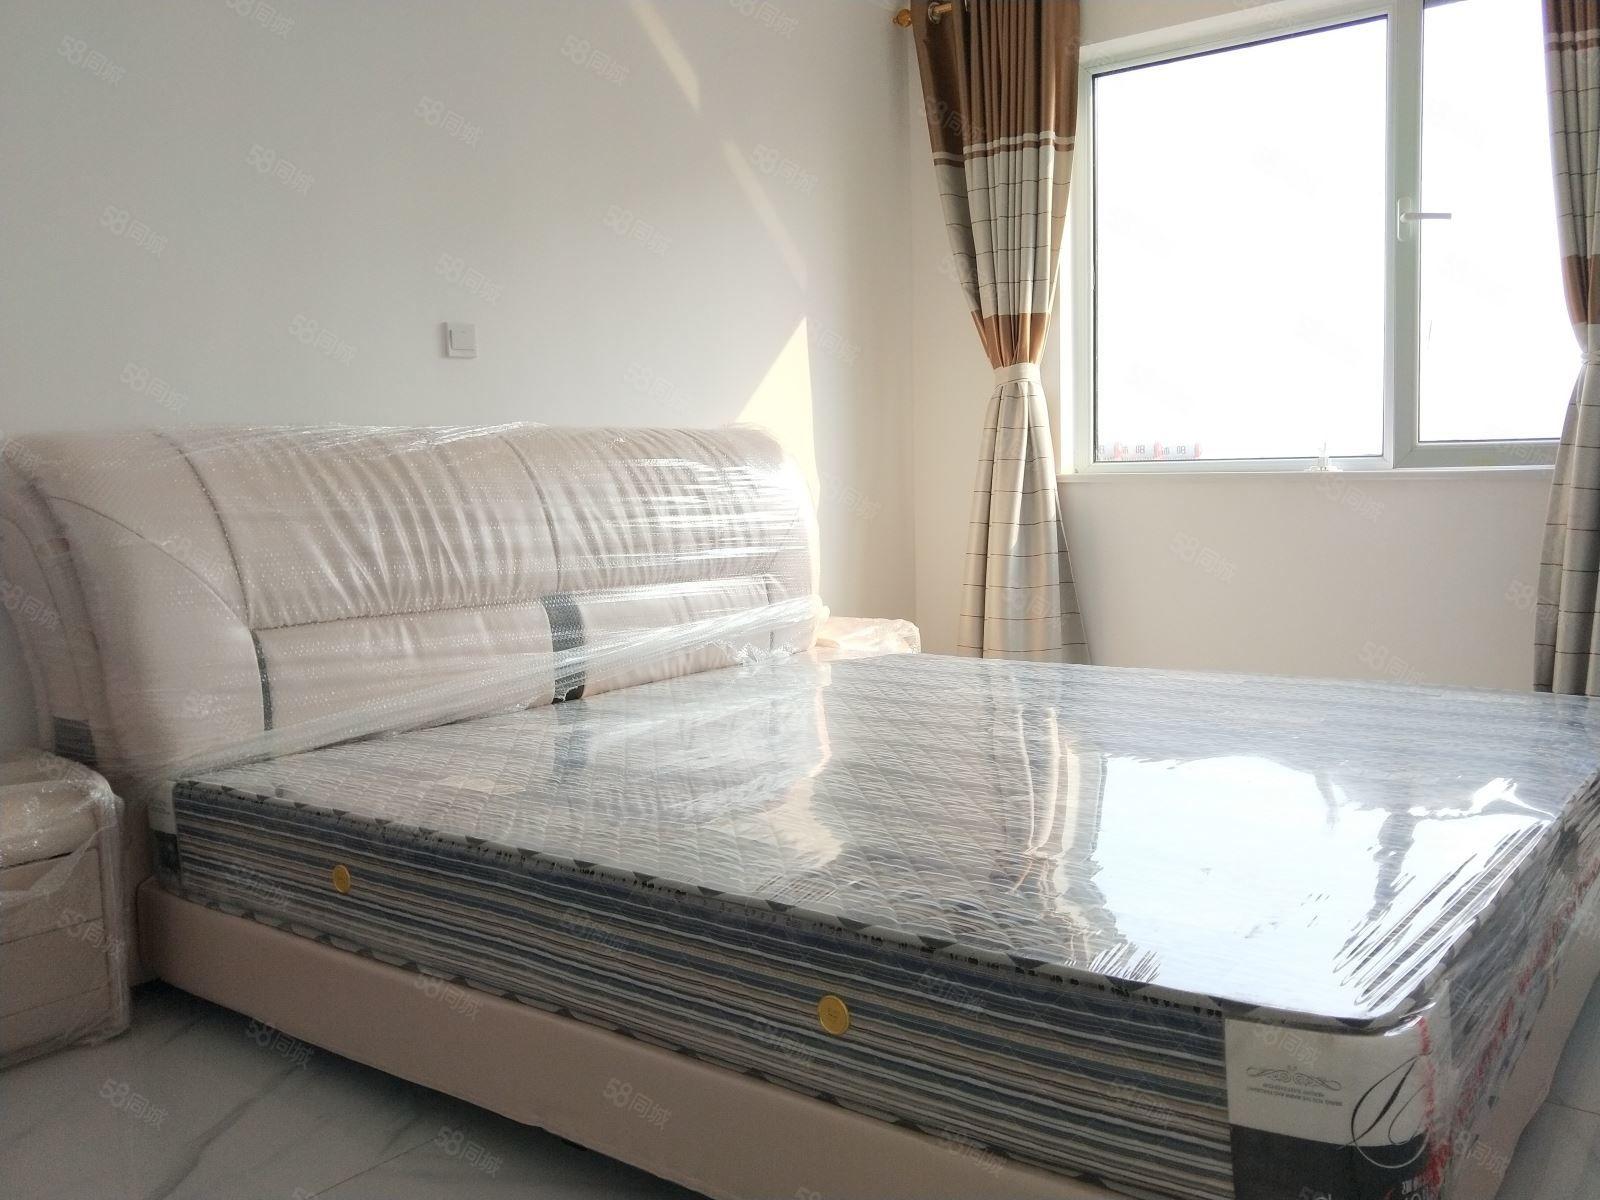 诚心!出租全家家具。整洁两室,公园一号旁中央公馆。